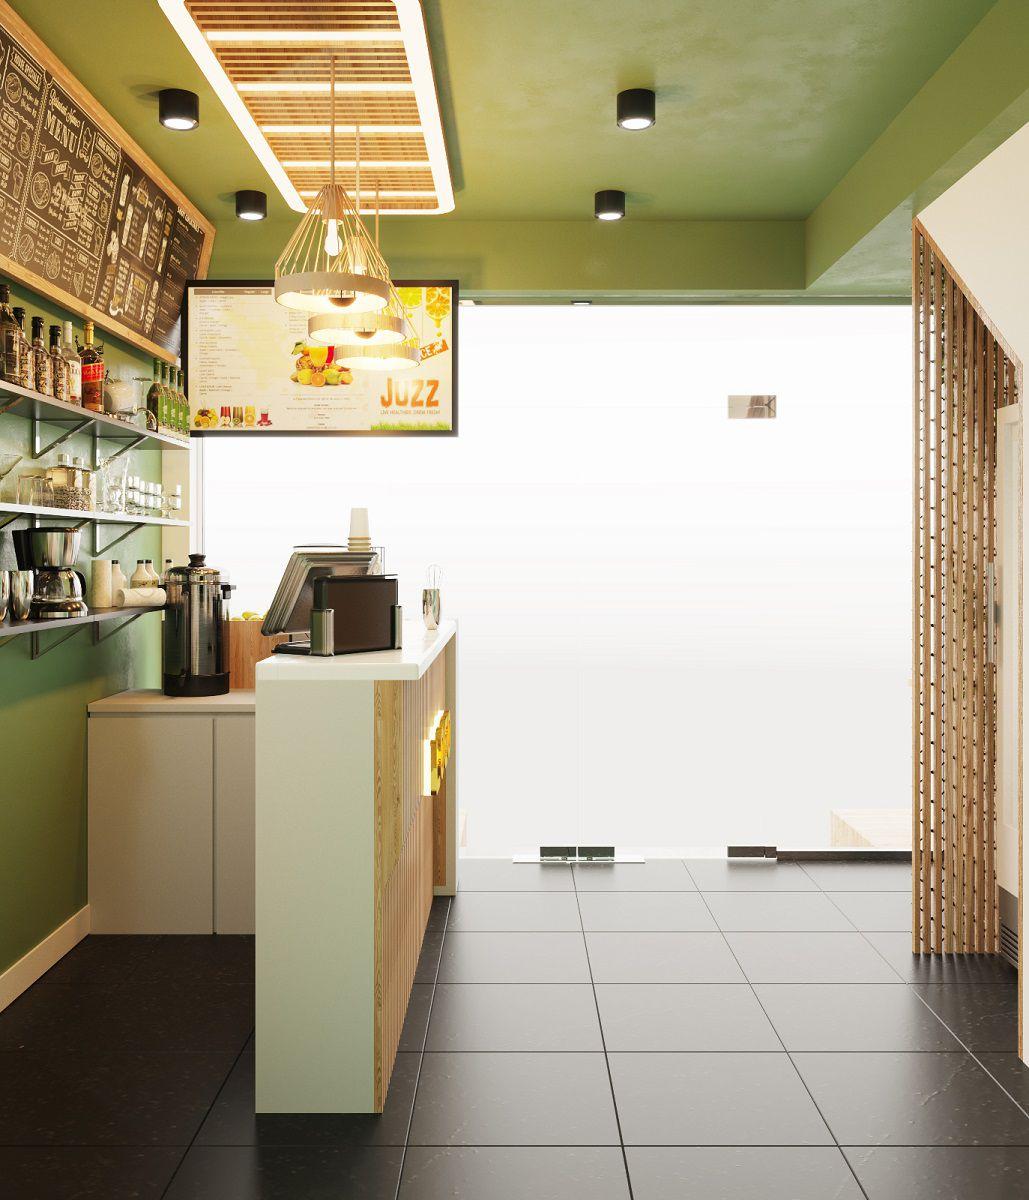 Thiết kế cửa hàng nước tại Hà Nội